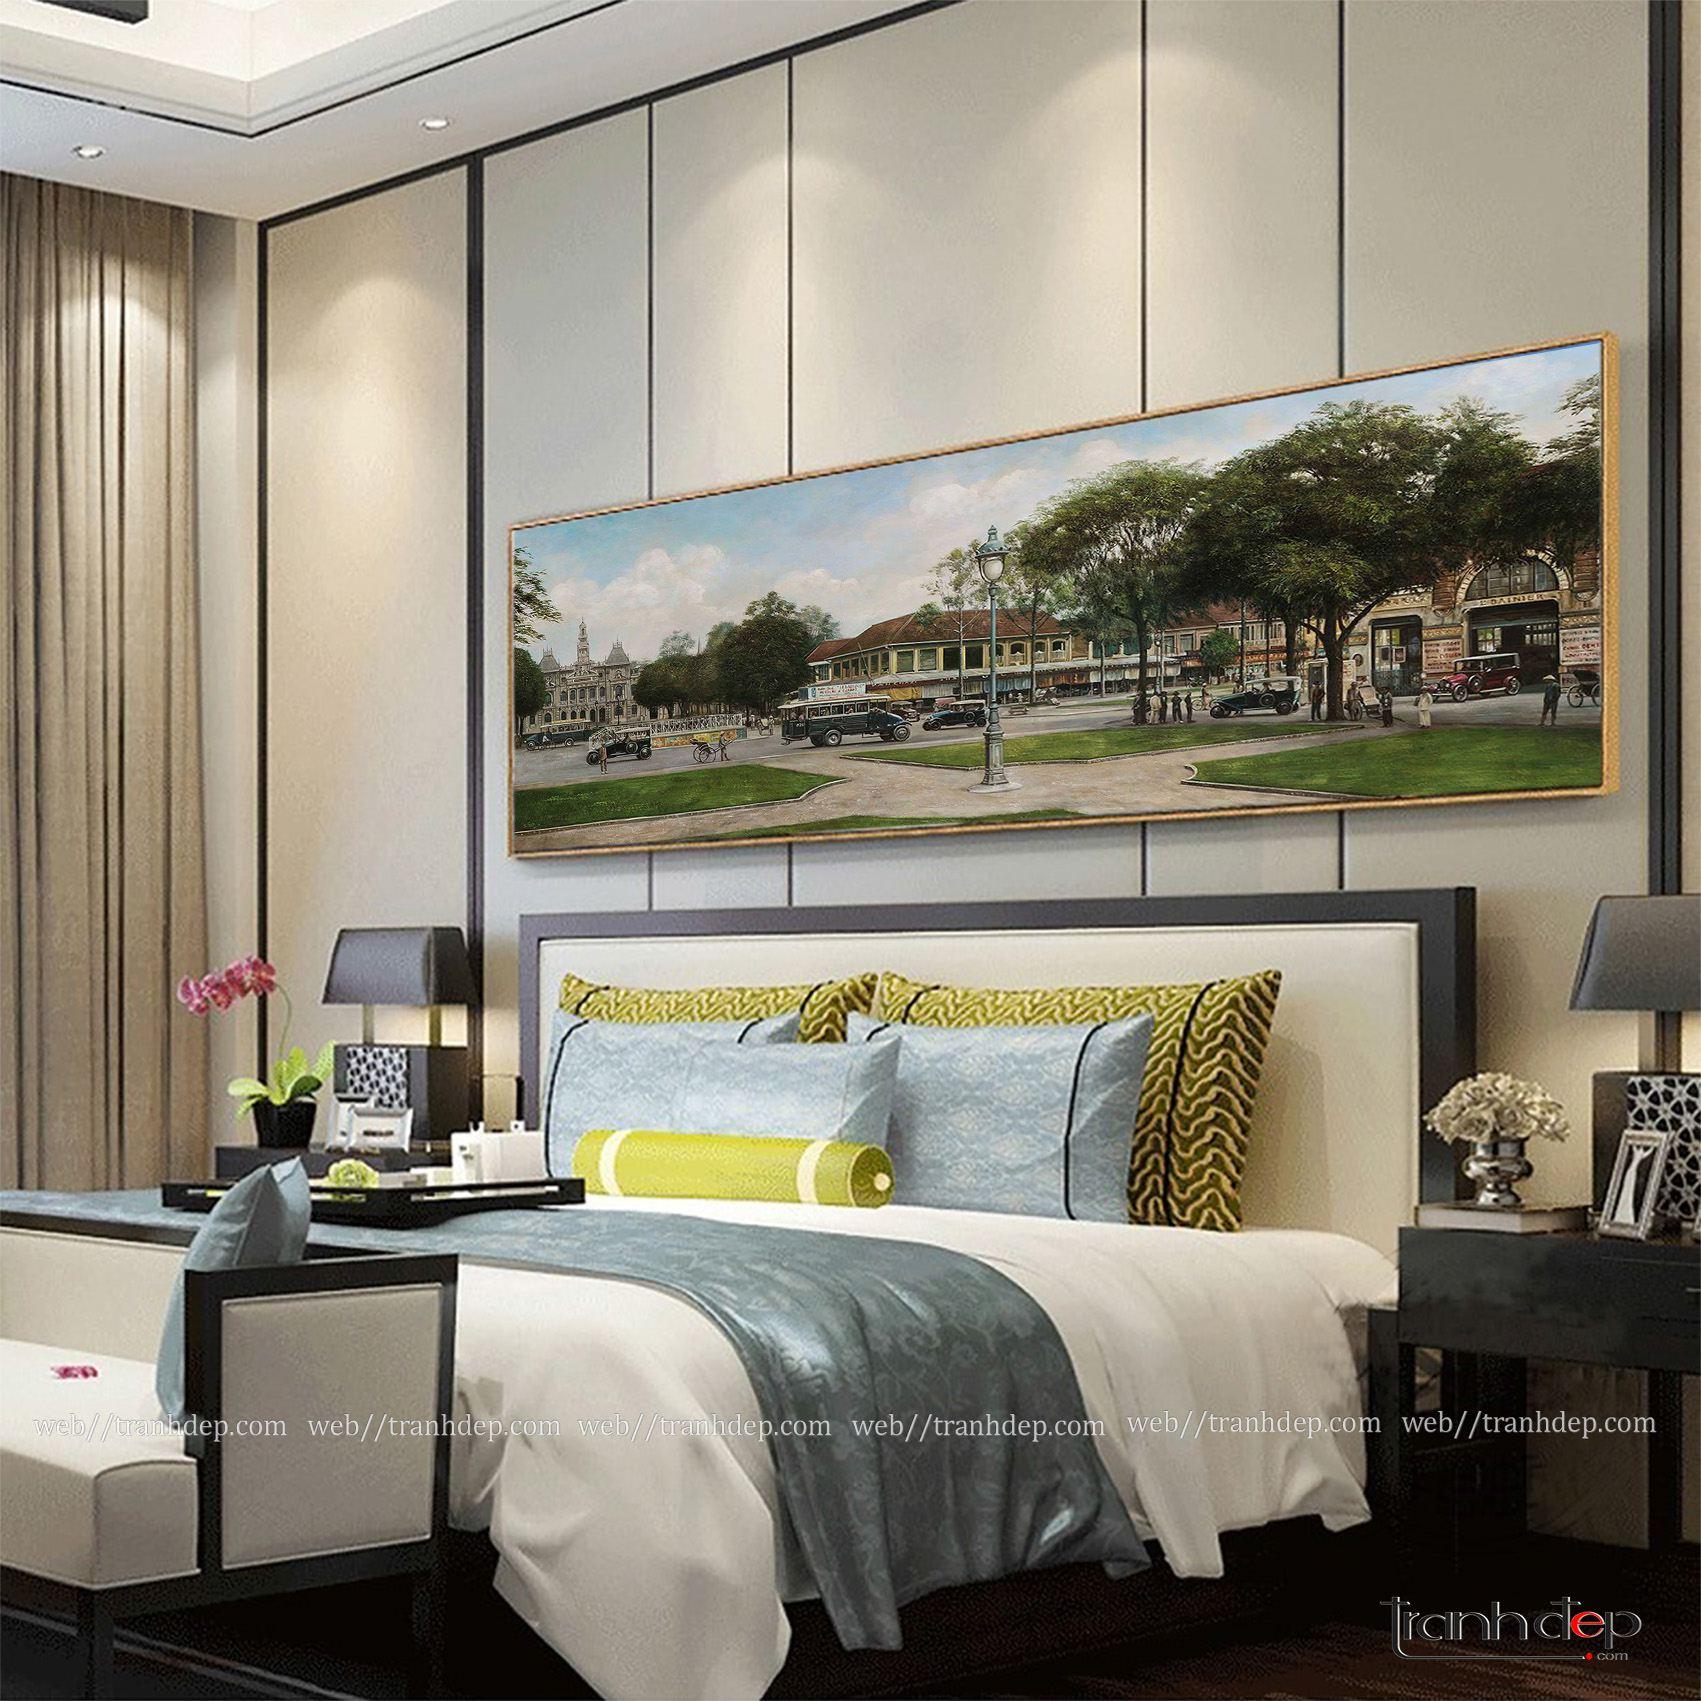 Tranh vẽ phố cổ Sài Gòn treo phòng ngủ